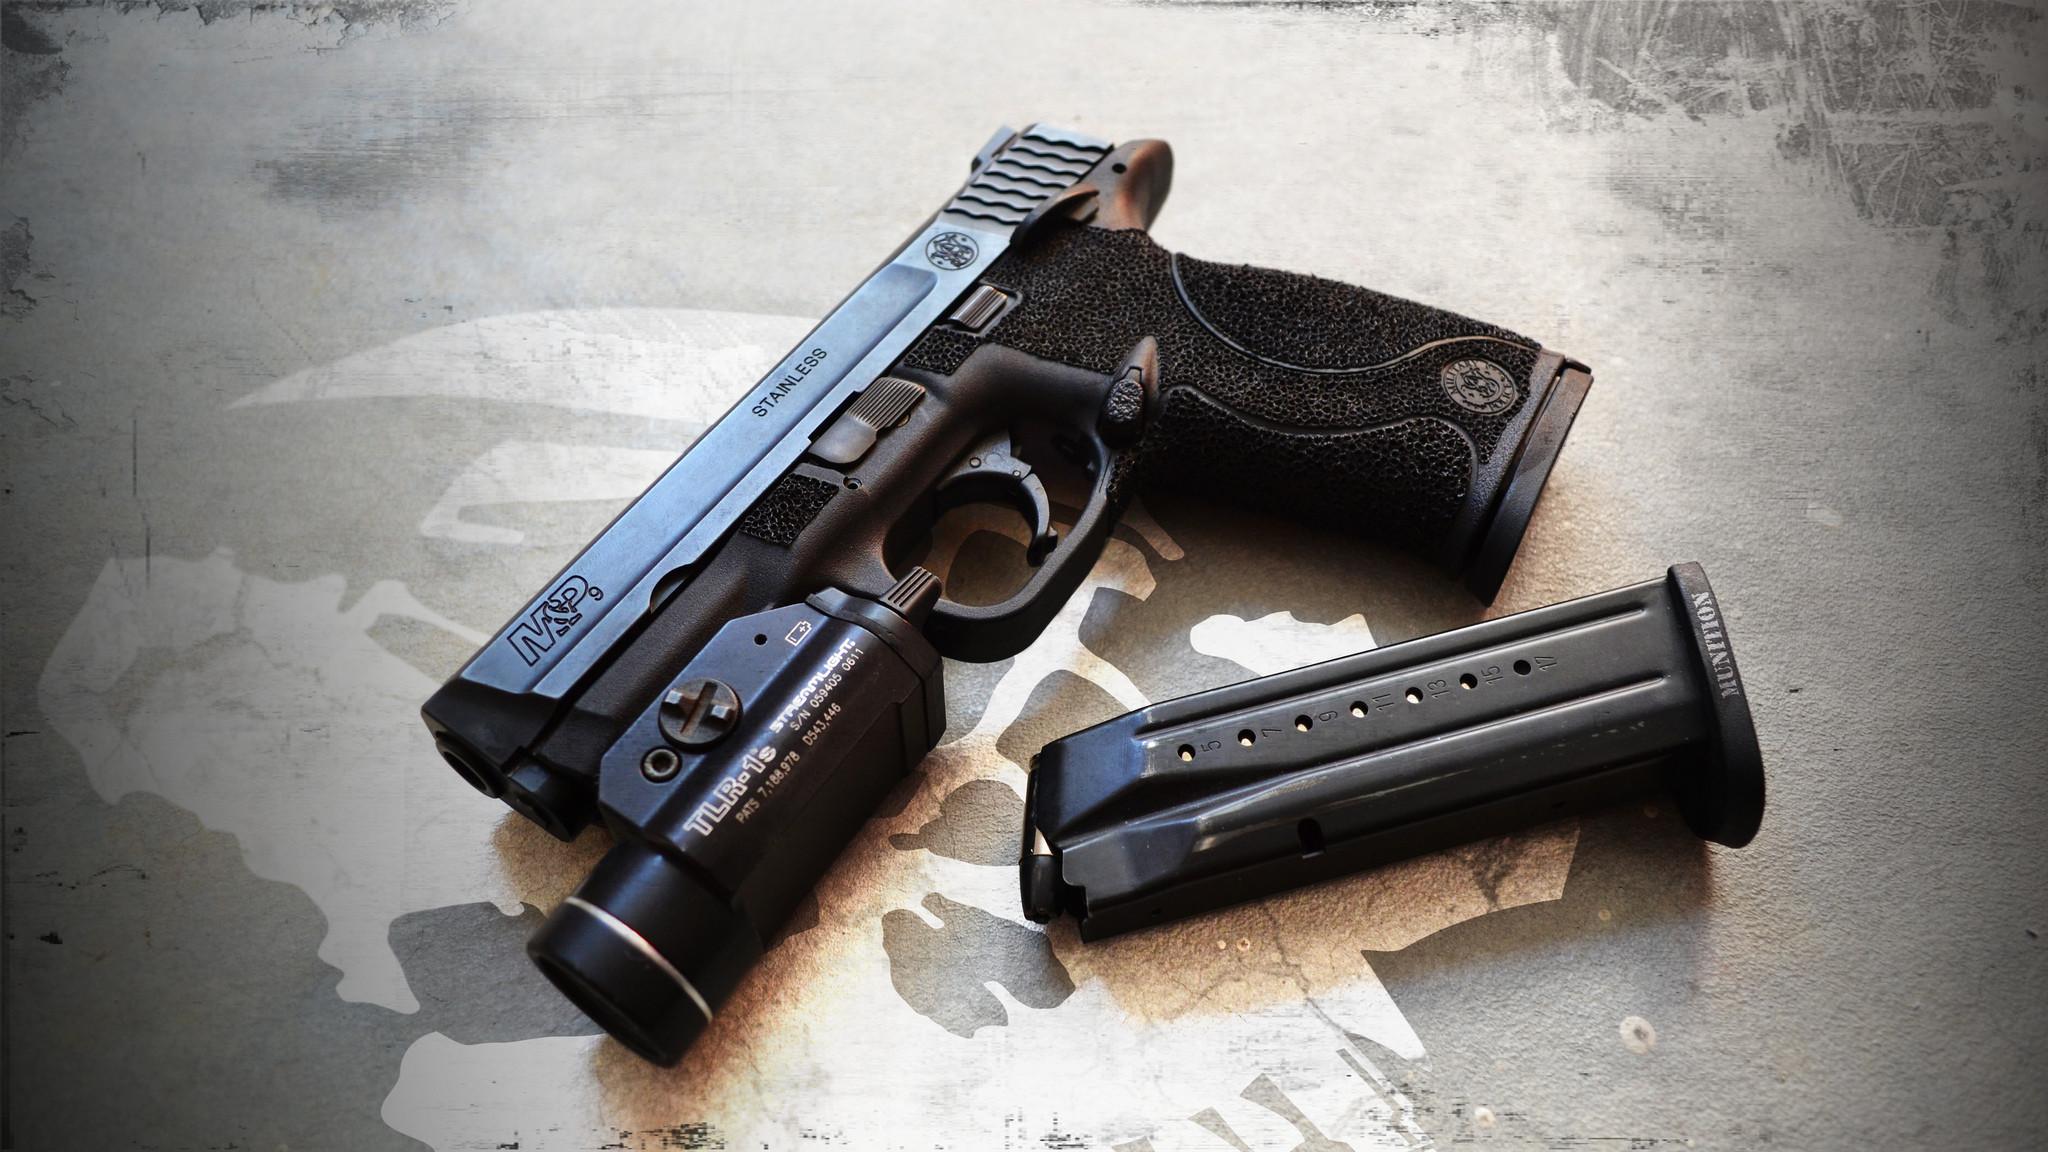 A Few of my M&P. Love this gun.